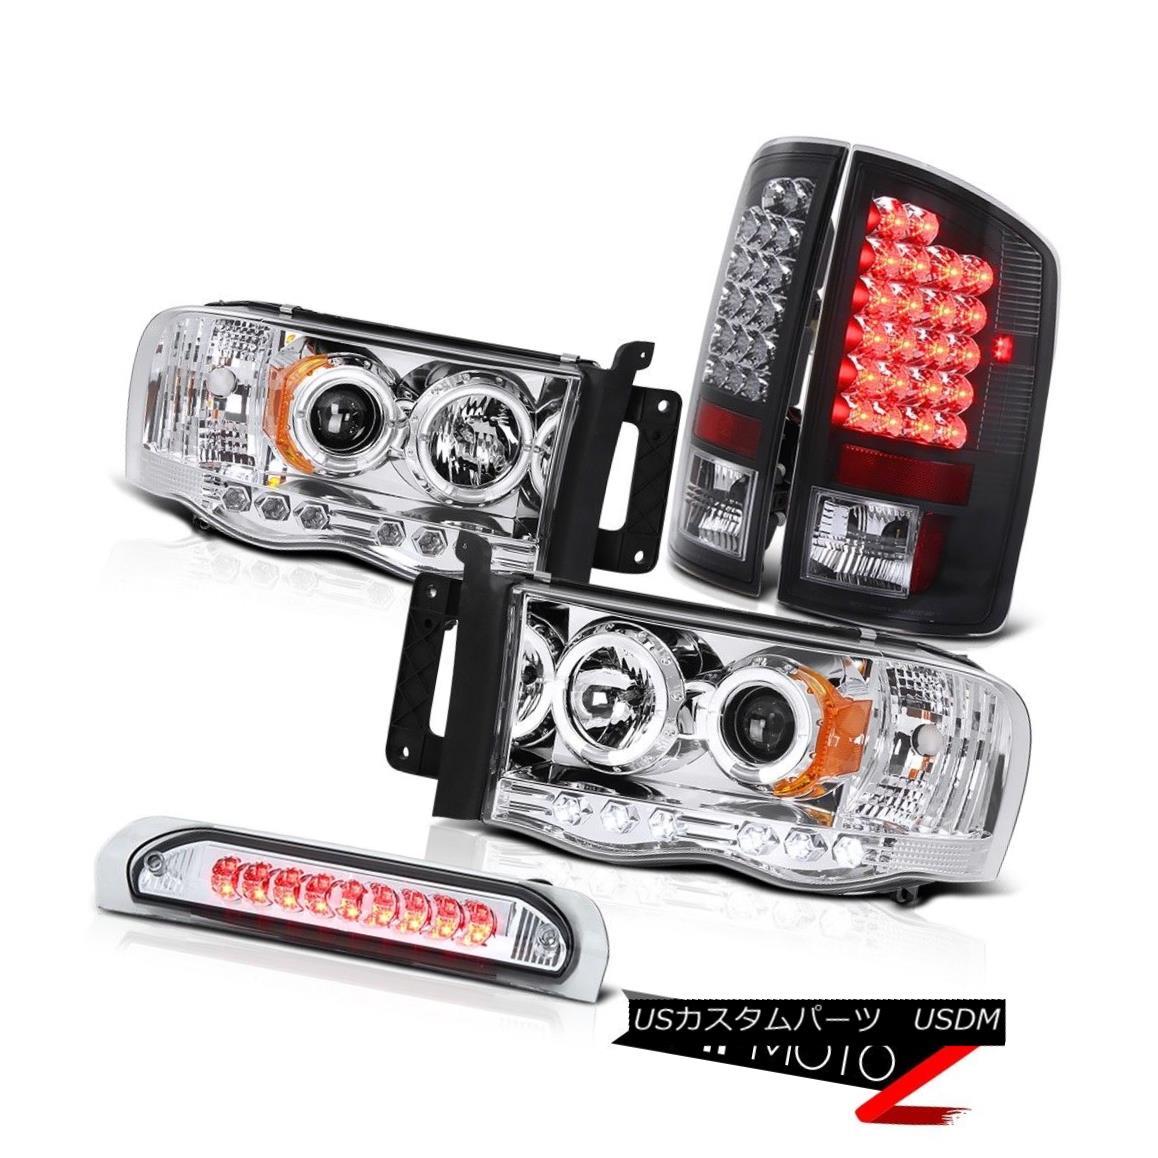 テールライト Black LED Rear Third Brake Lamp Angel Eye Projector Headlight Dodge Ram LH+RH ブラックLEDリア第3ブレーキランプエンジェルアイプロジェクターヘッドライトダッジラムLH + RH